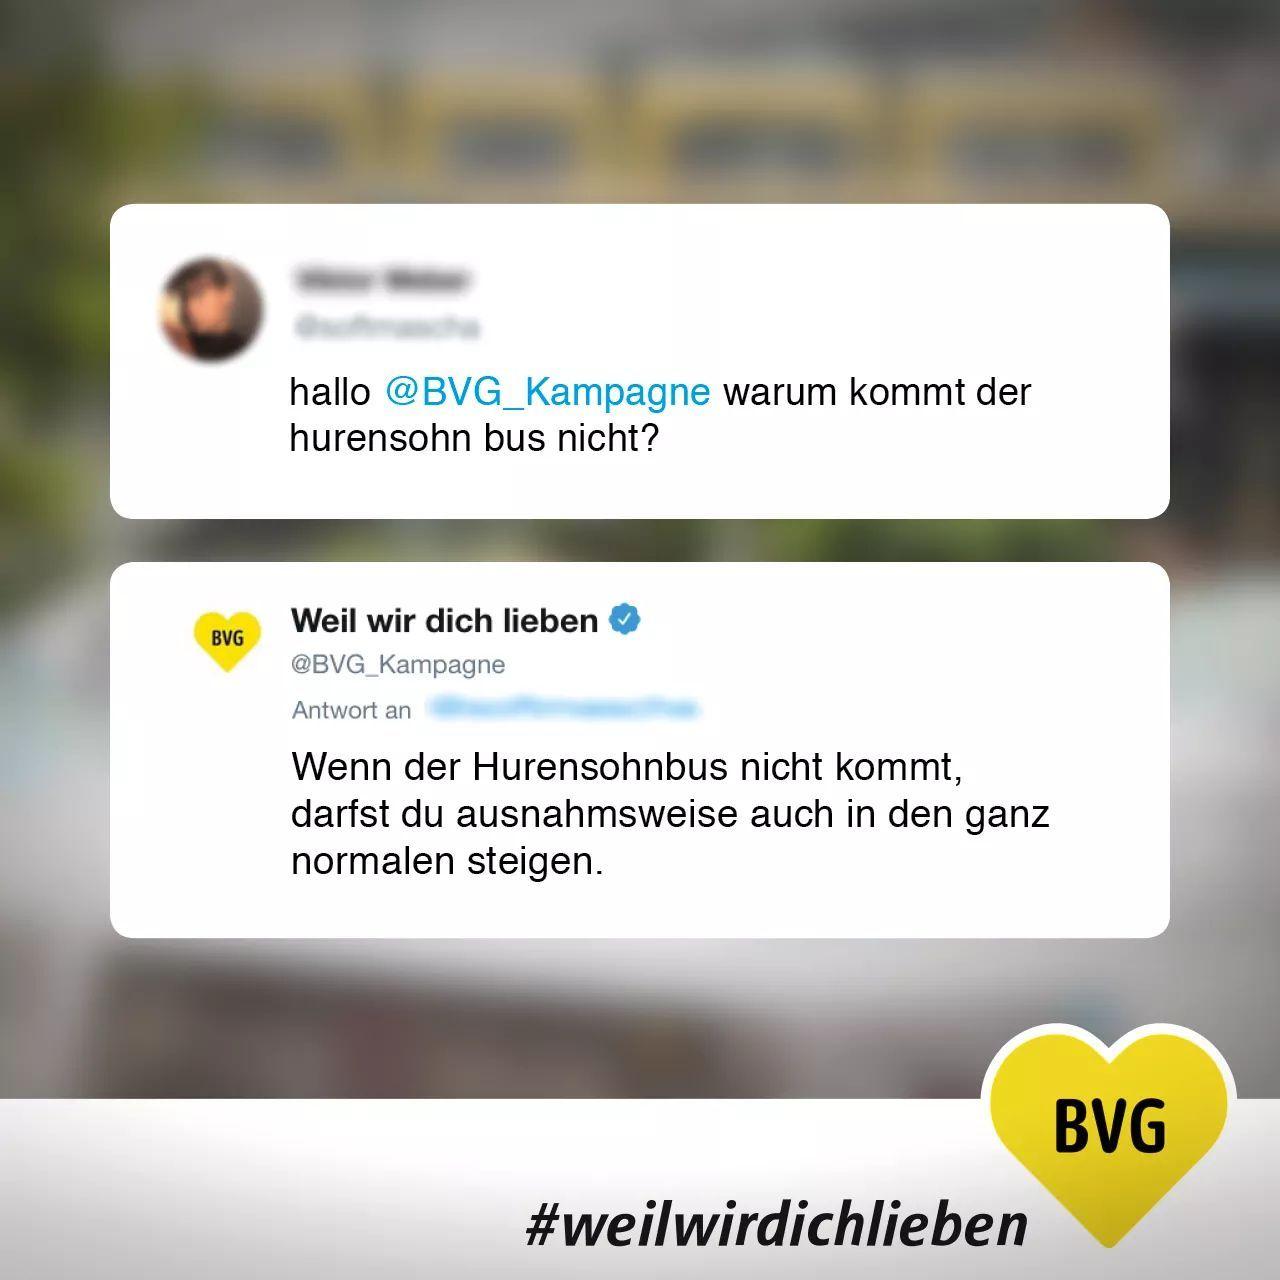 BVG steht für Berliner Verkehrsbetriebe - meme